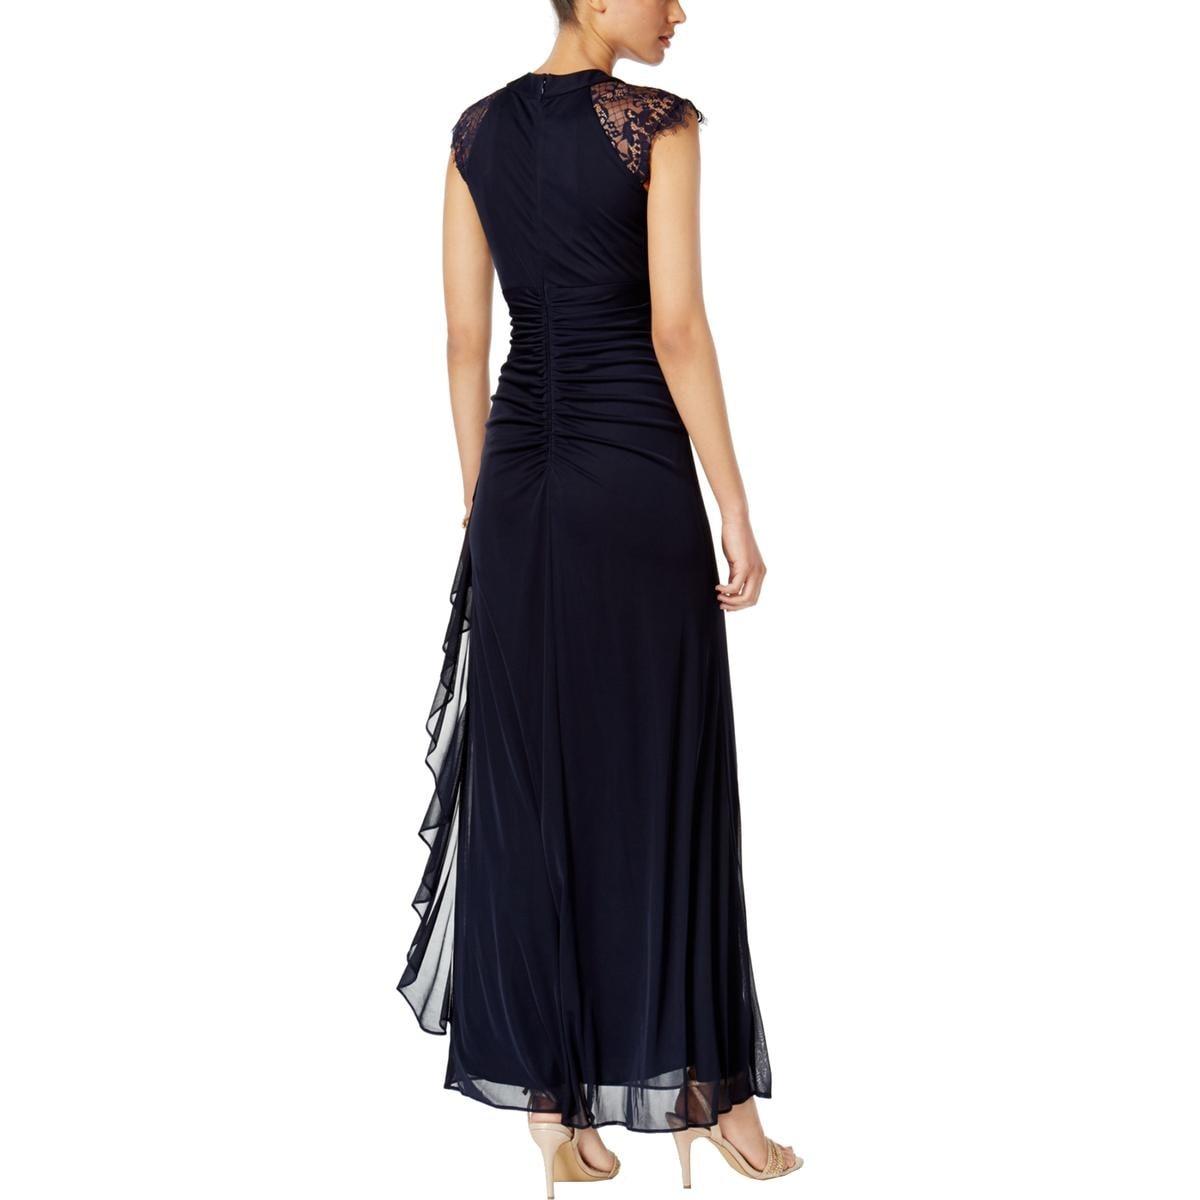 759b9cd5101 Shop Betsy   Adam Womens Evening Dress A-Line Special Occasion ...